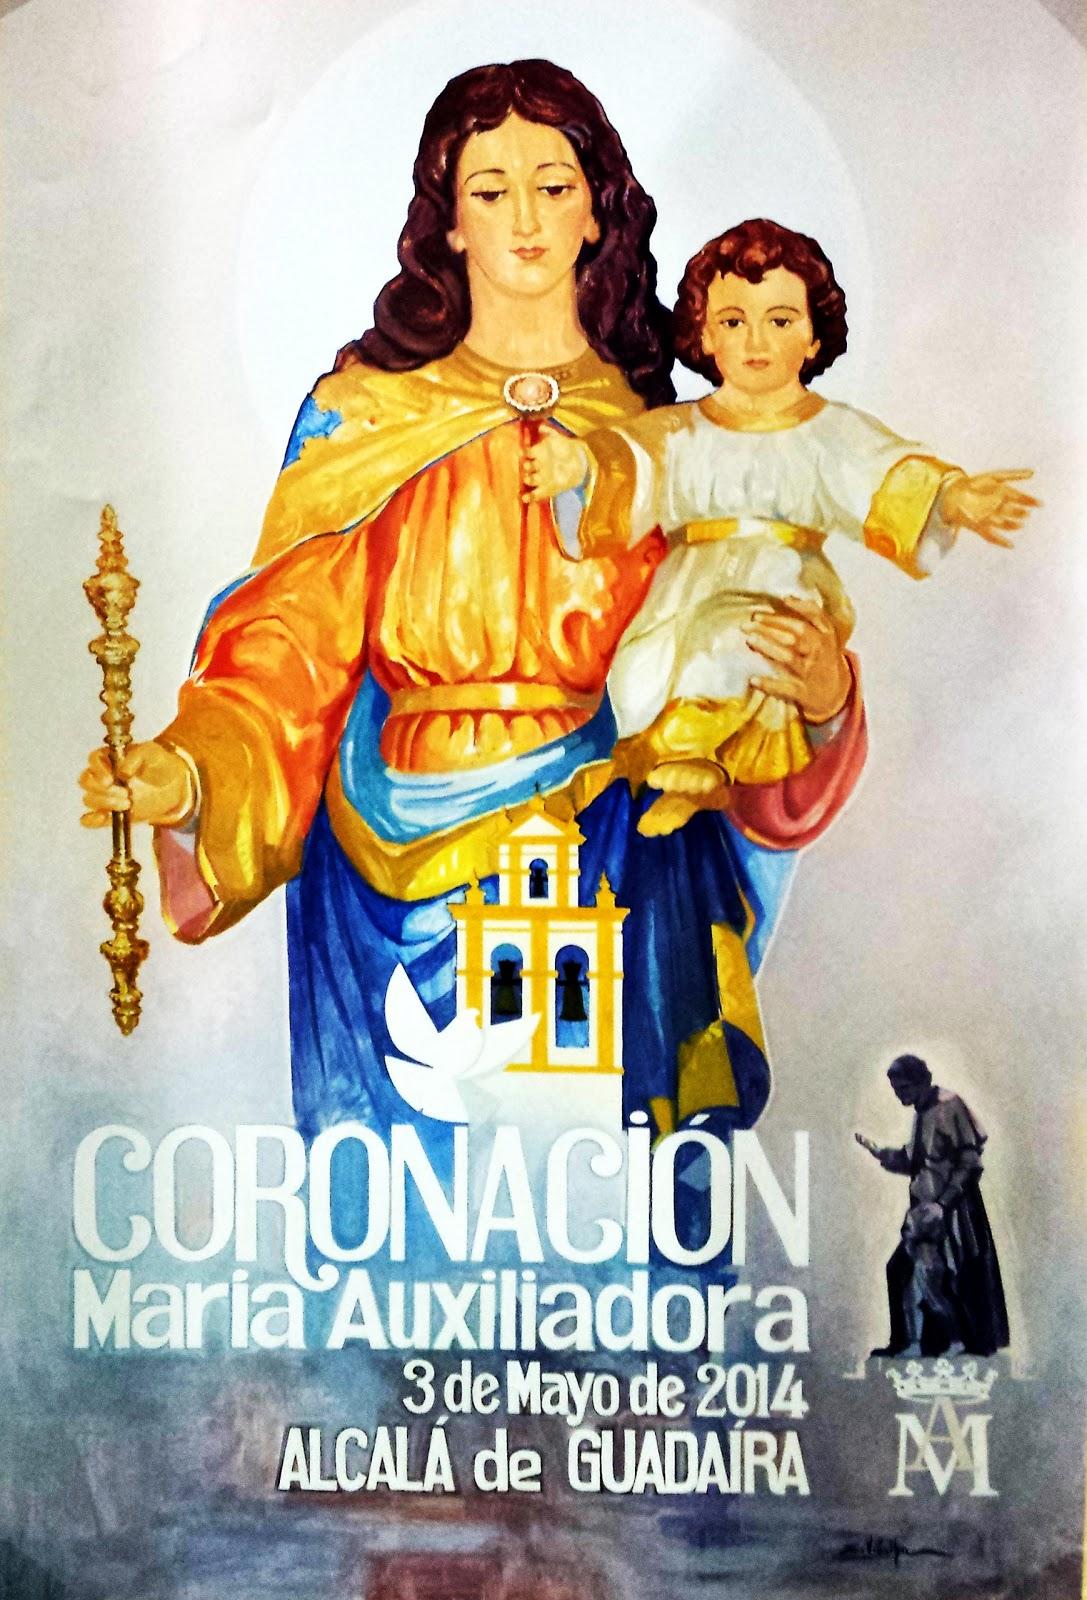 Coronación Canónica de la imagen de María Auxiliadora